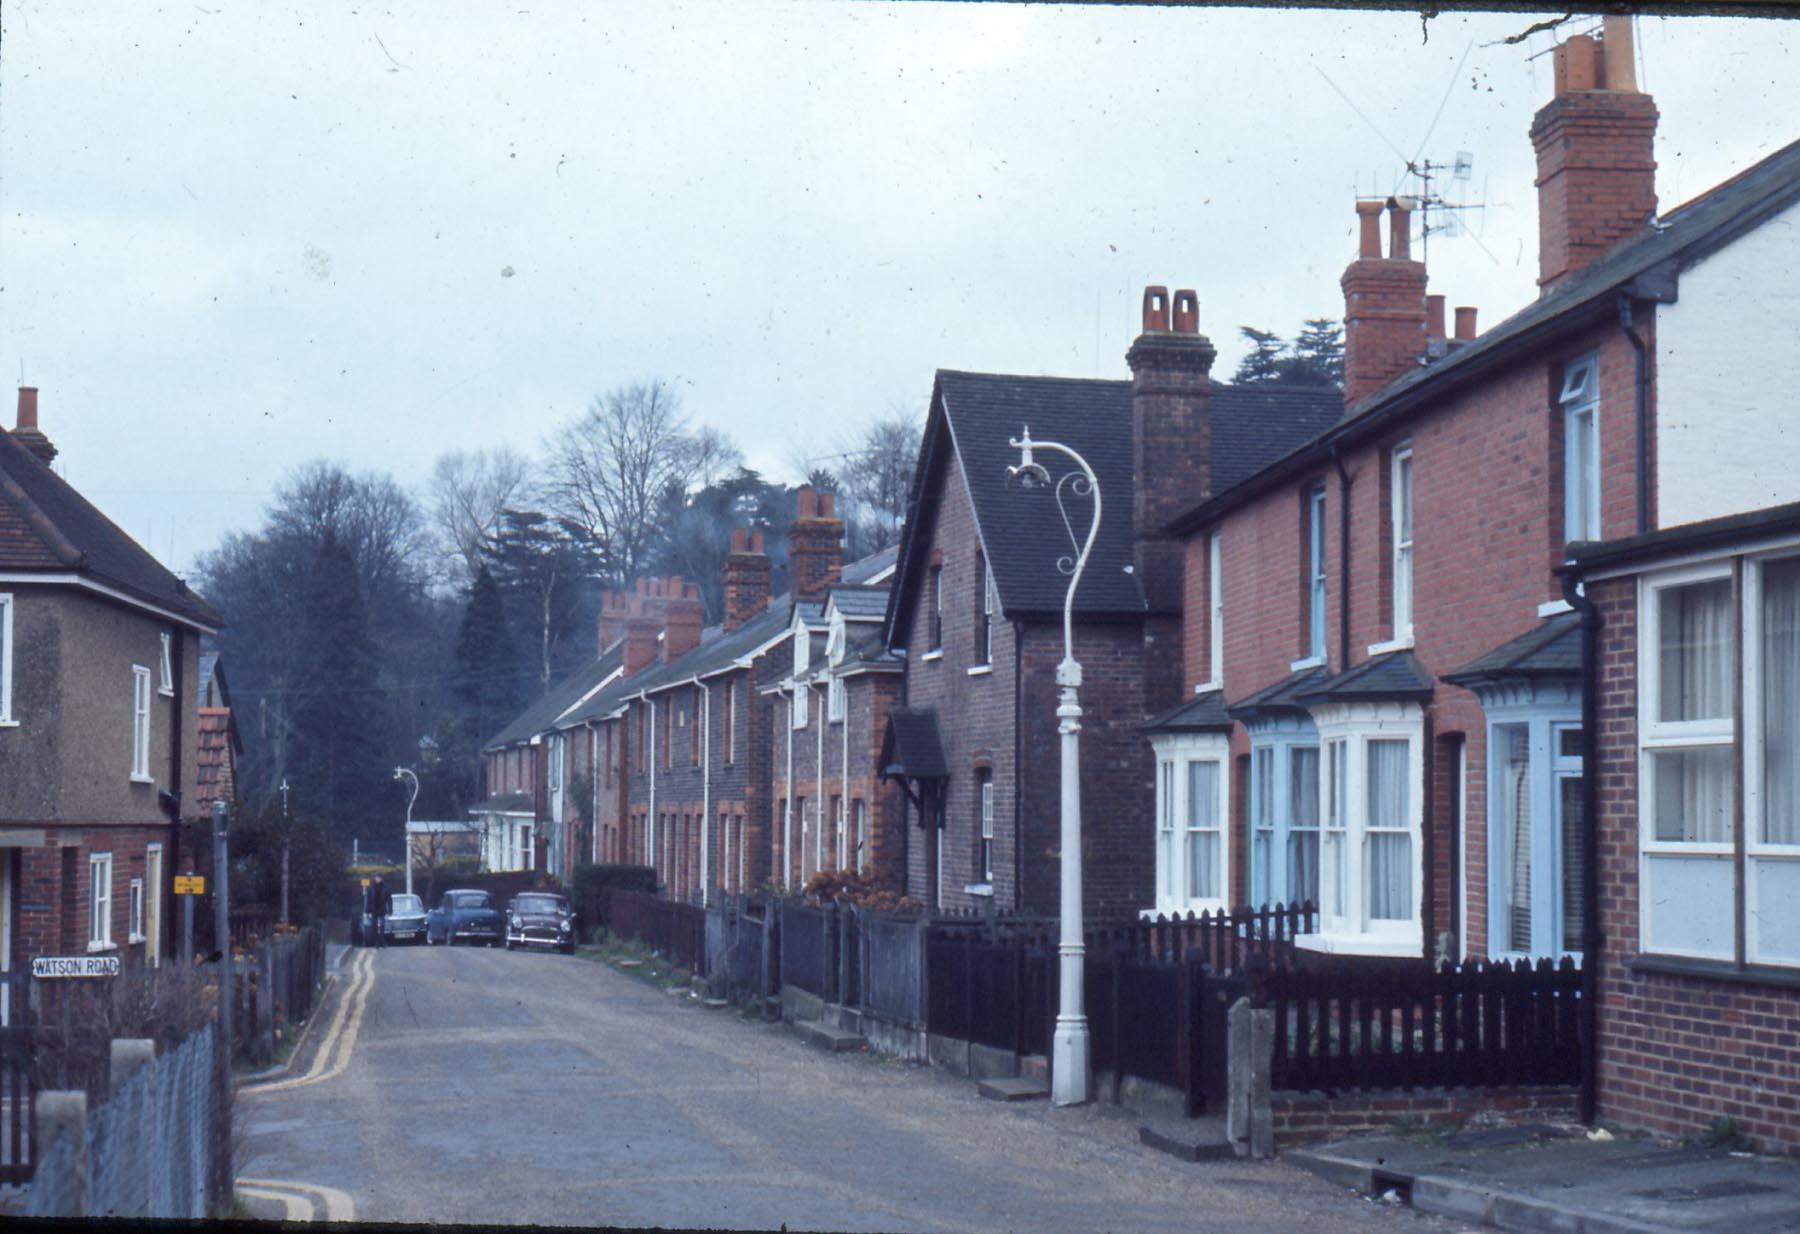 Furlong Road (Image 2)